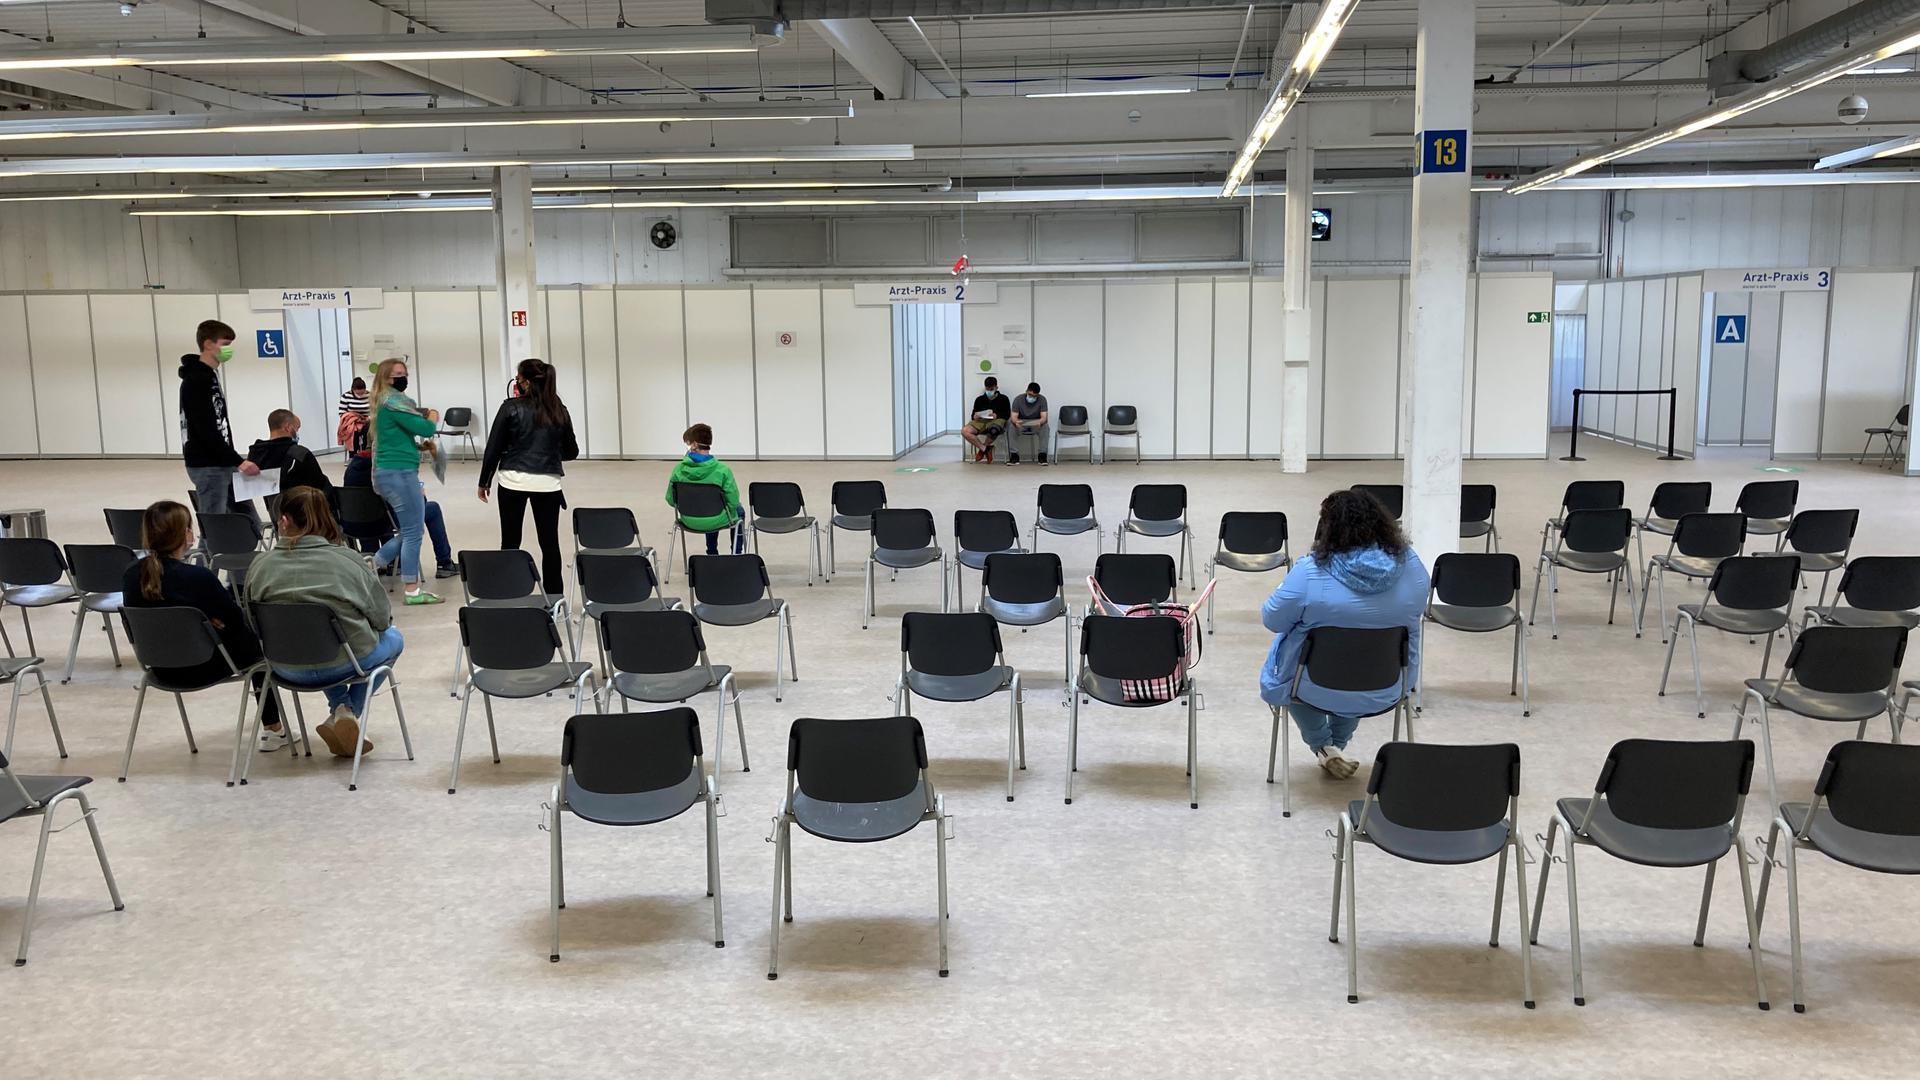 Bis zum letzten Tag waren einige Stühle in der Wartehalle besetzt: Die Kreisimpfzentren sind Geschichte. Die Finanzierung des Landes Baden-Württemberg läuft am 30. September 2021 aus. Somit schließen auch die Standorte in Bruchsal und Sulzfeld ihre Türen.